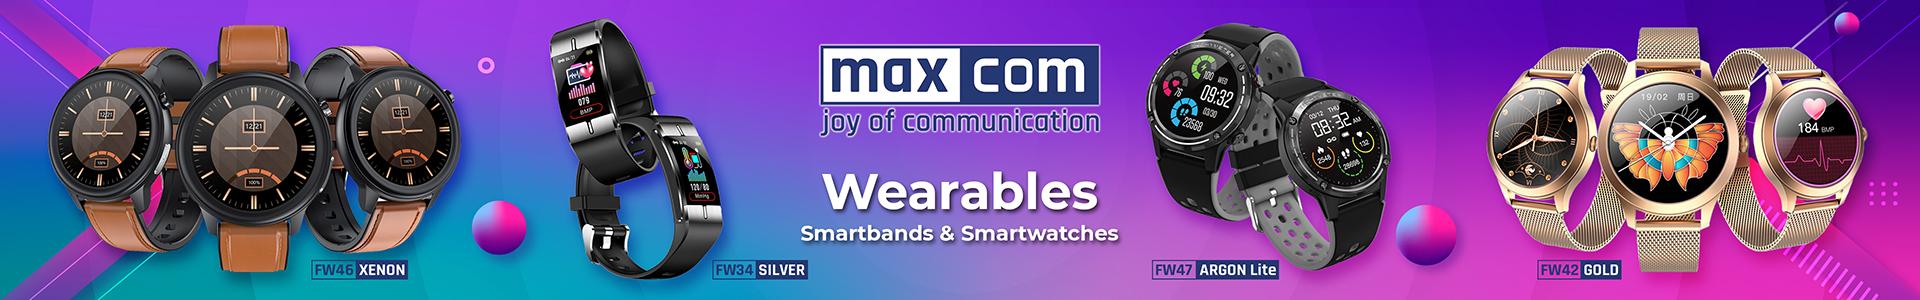 https://www.telephoneplus.gr/appfiles/slides/maxcom-wearable-2021.jpg